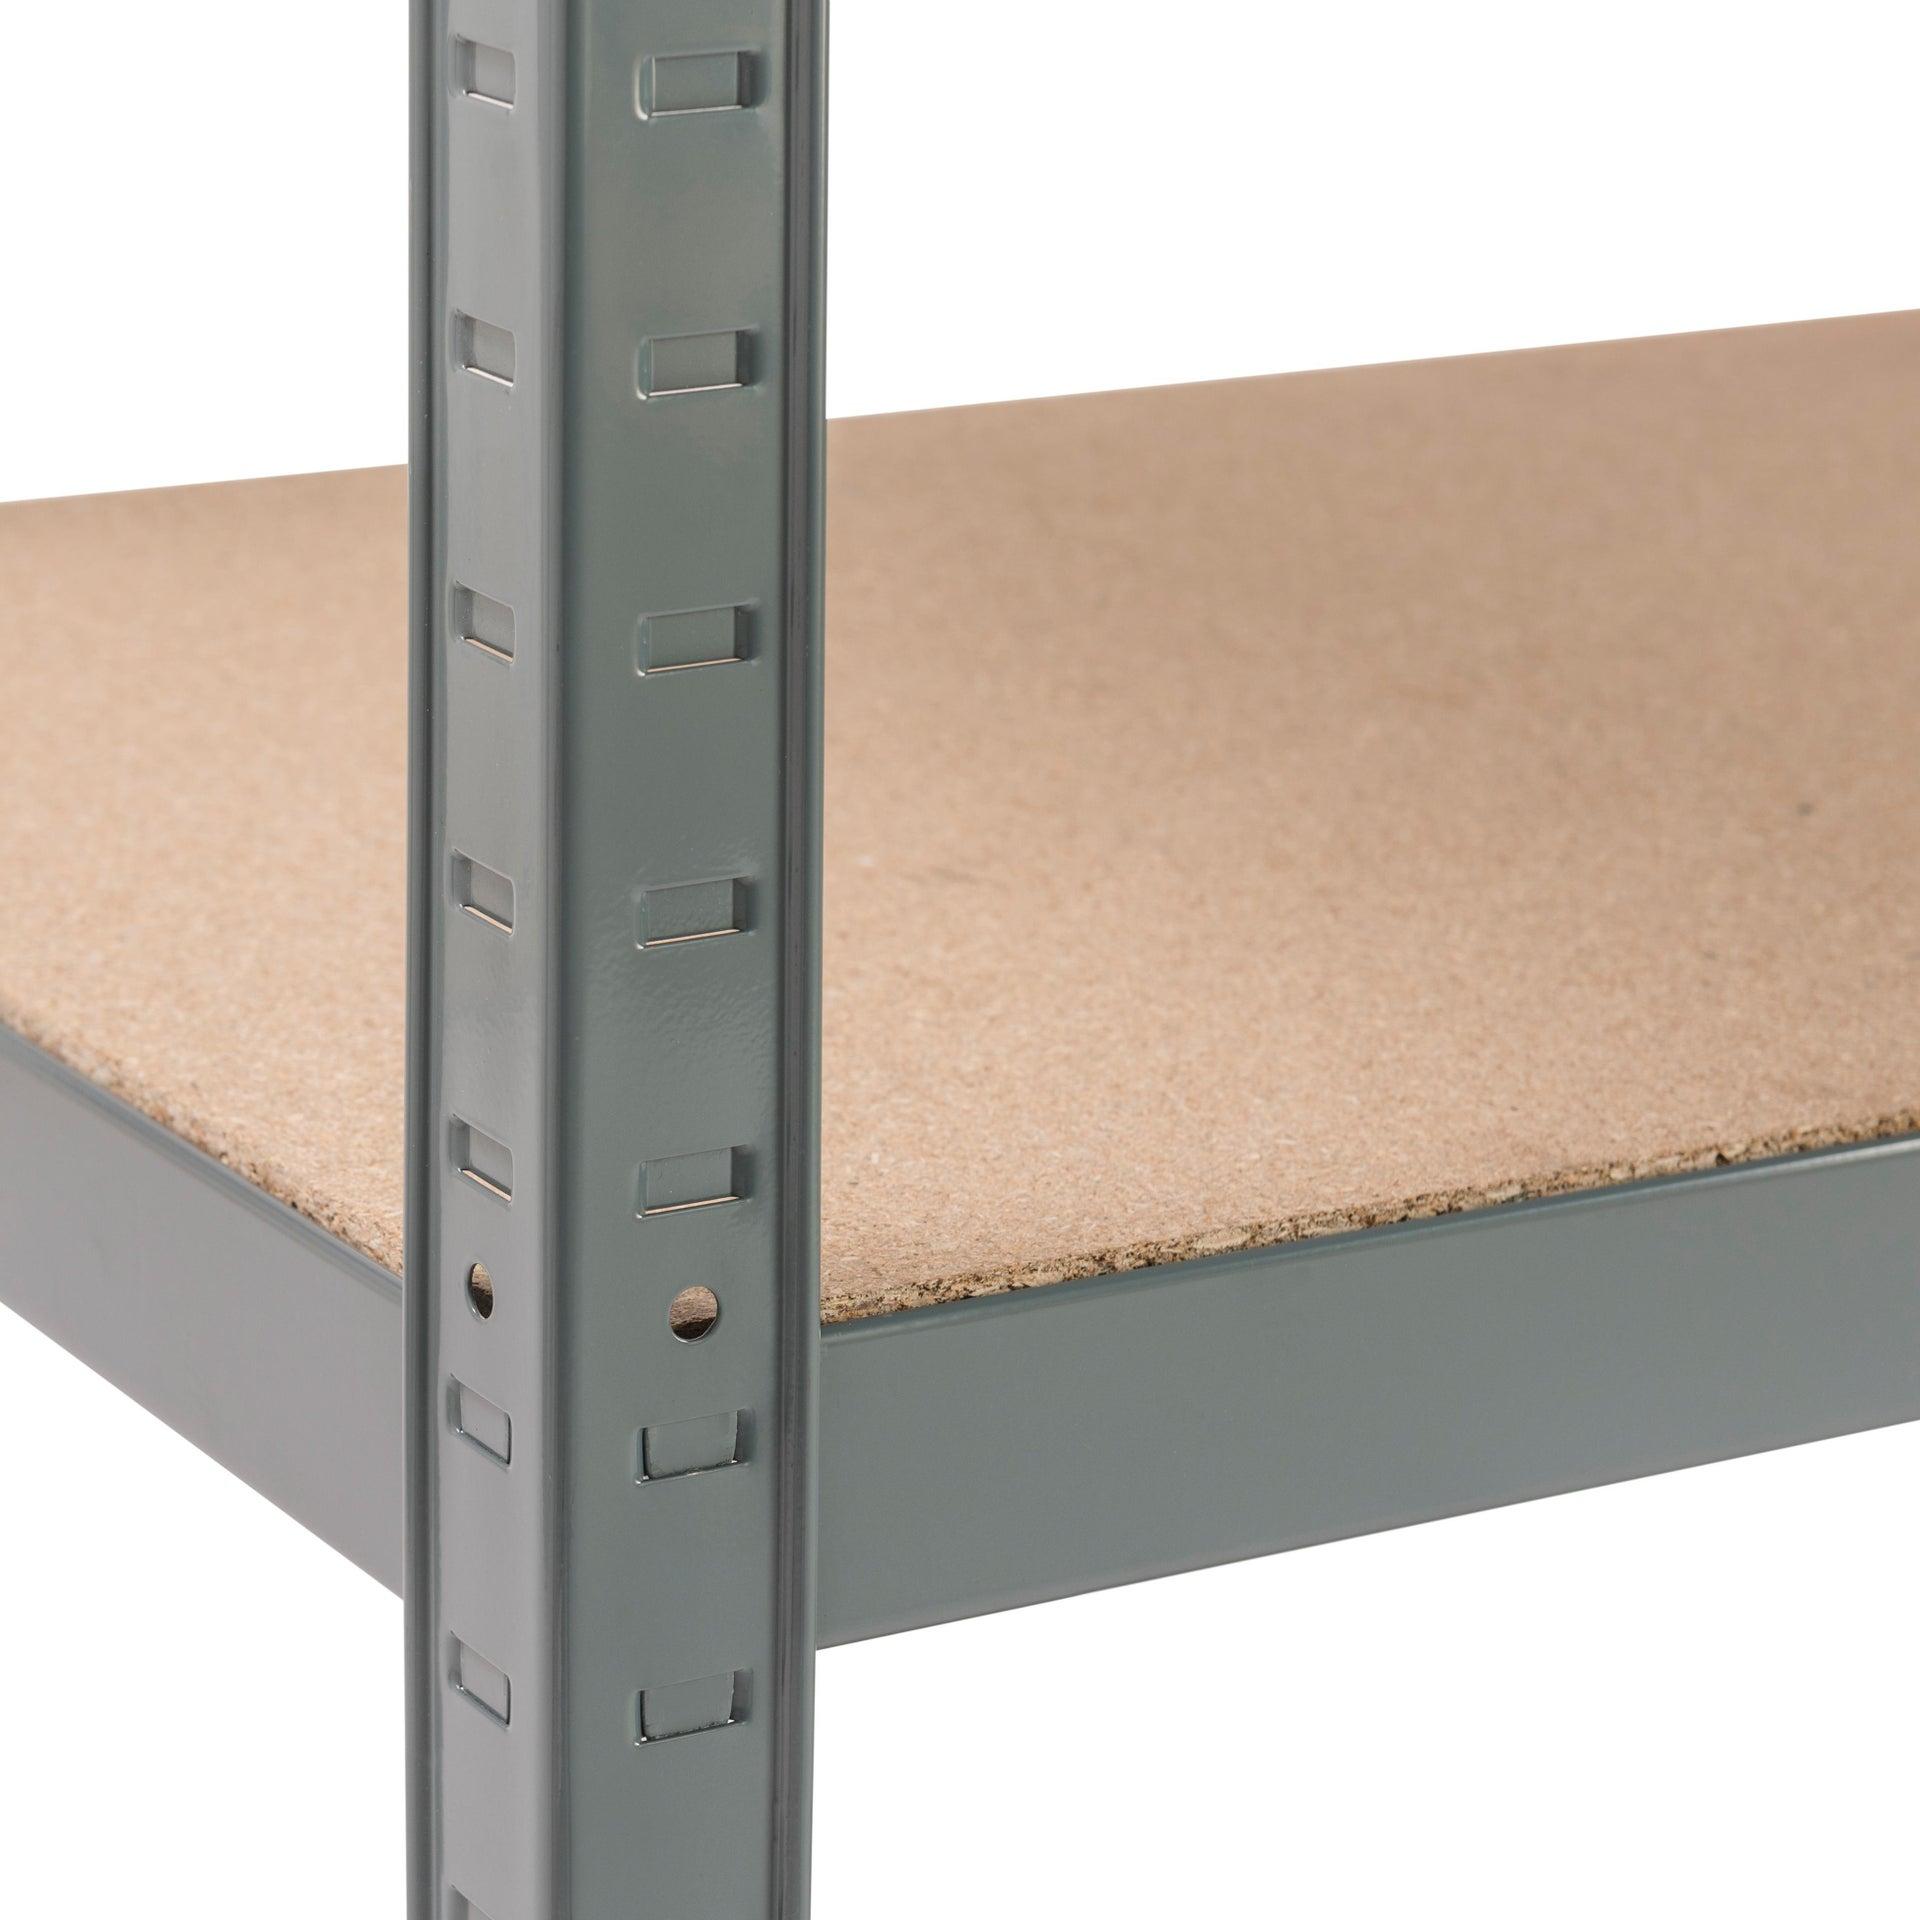 Scaffale in metallo in kit Spaceo L 100 x P 50 x H 196 cm grigio antracite - 5